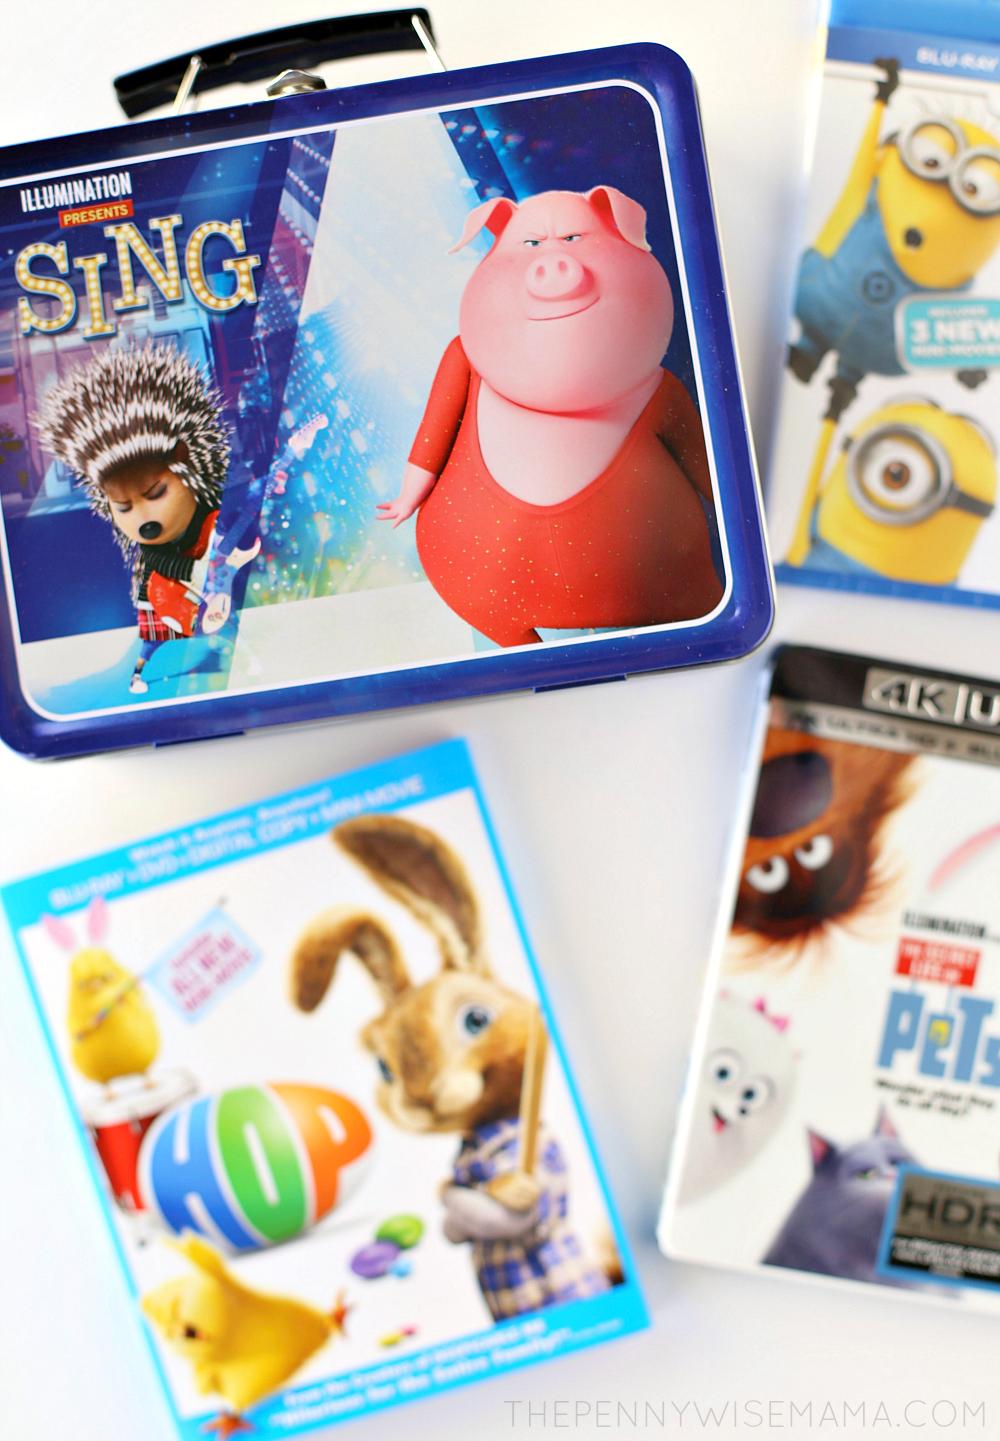 Kids Movie Deals at Best Buy